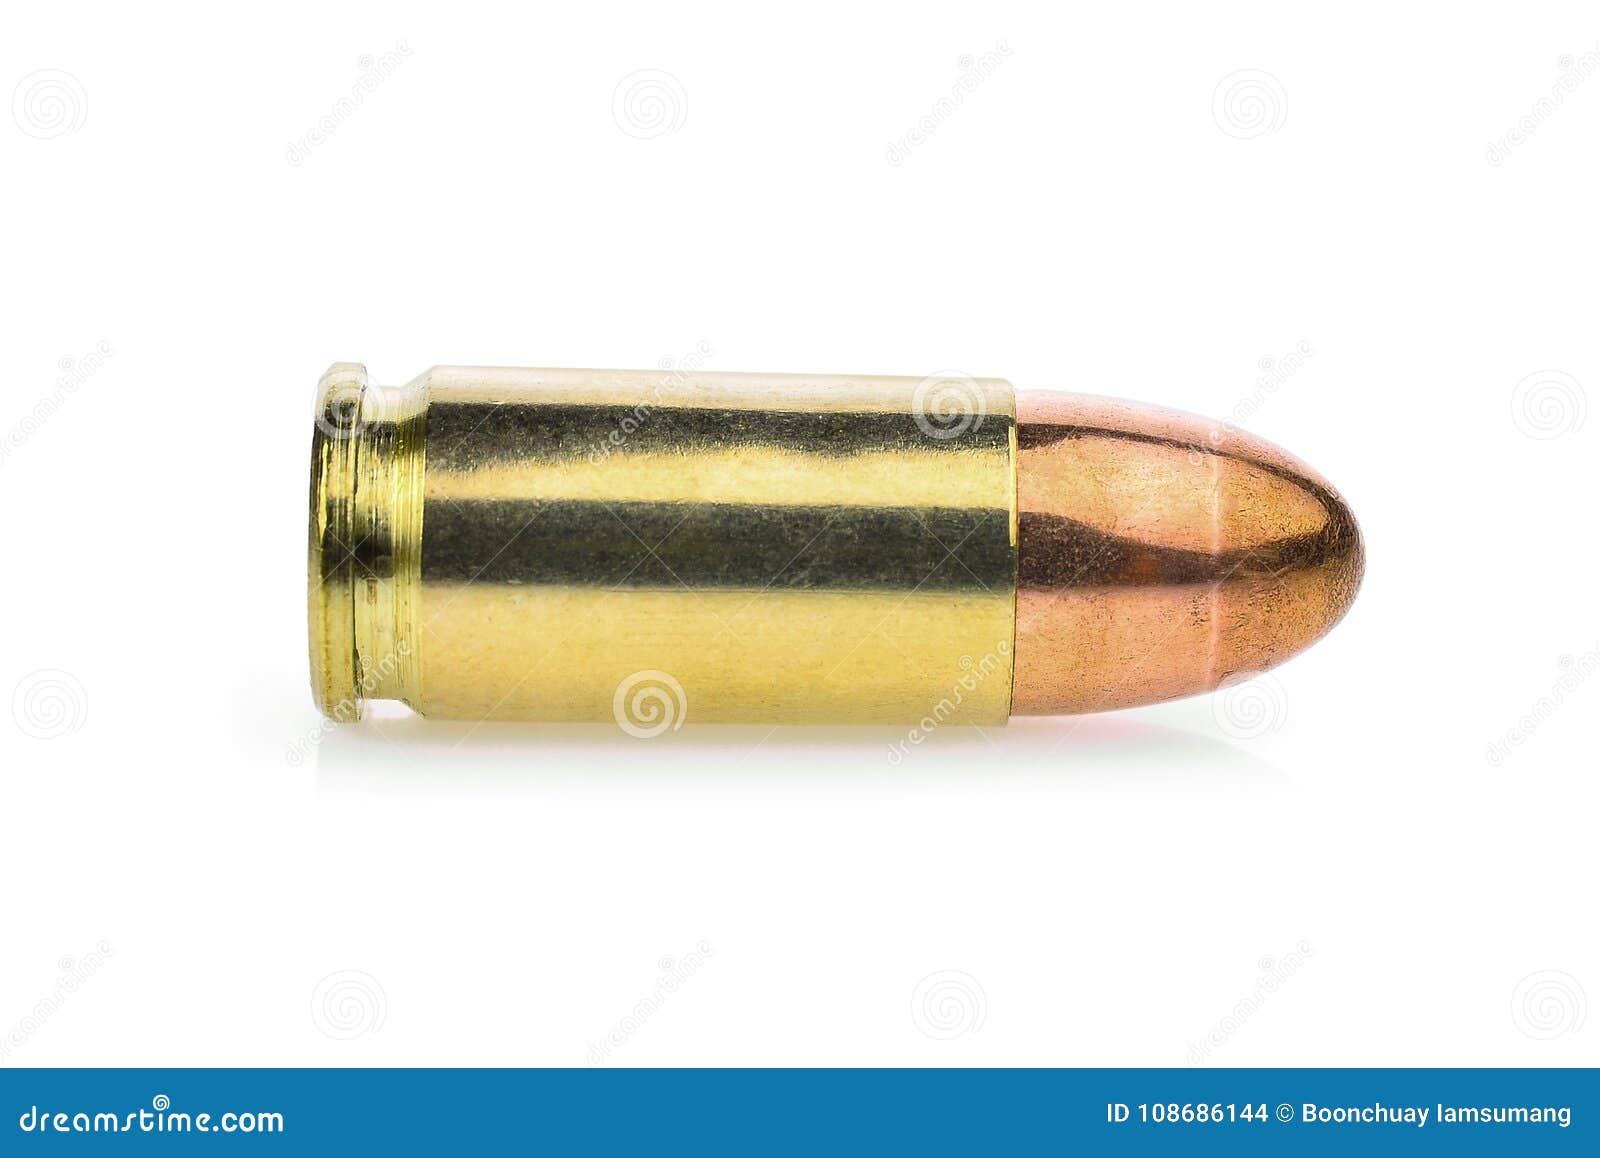 唯一弹药筒9 mm 手枪弹药,充分的金属